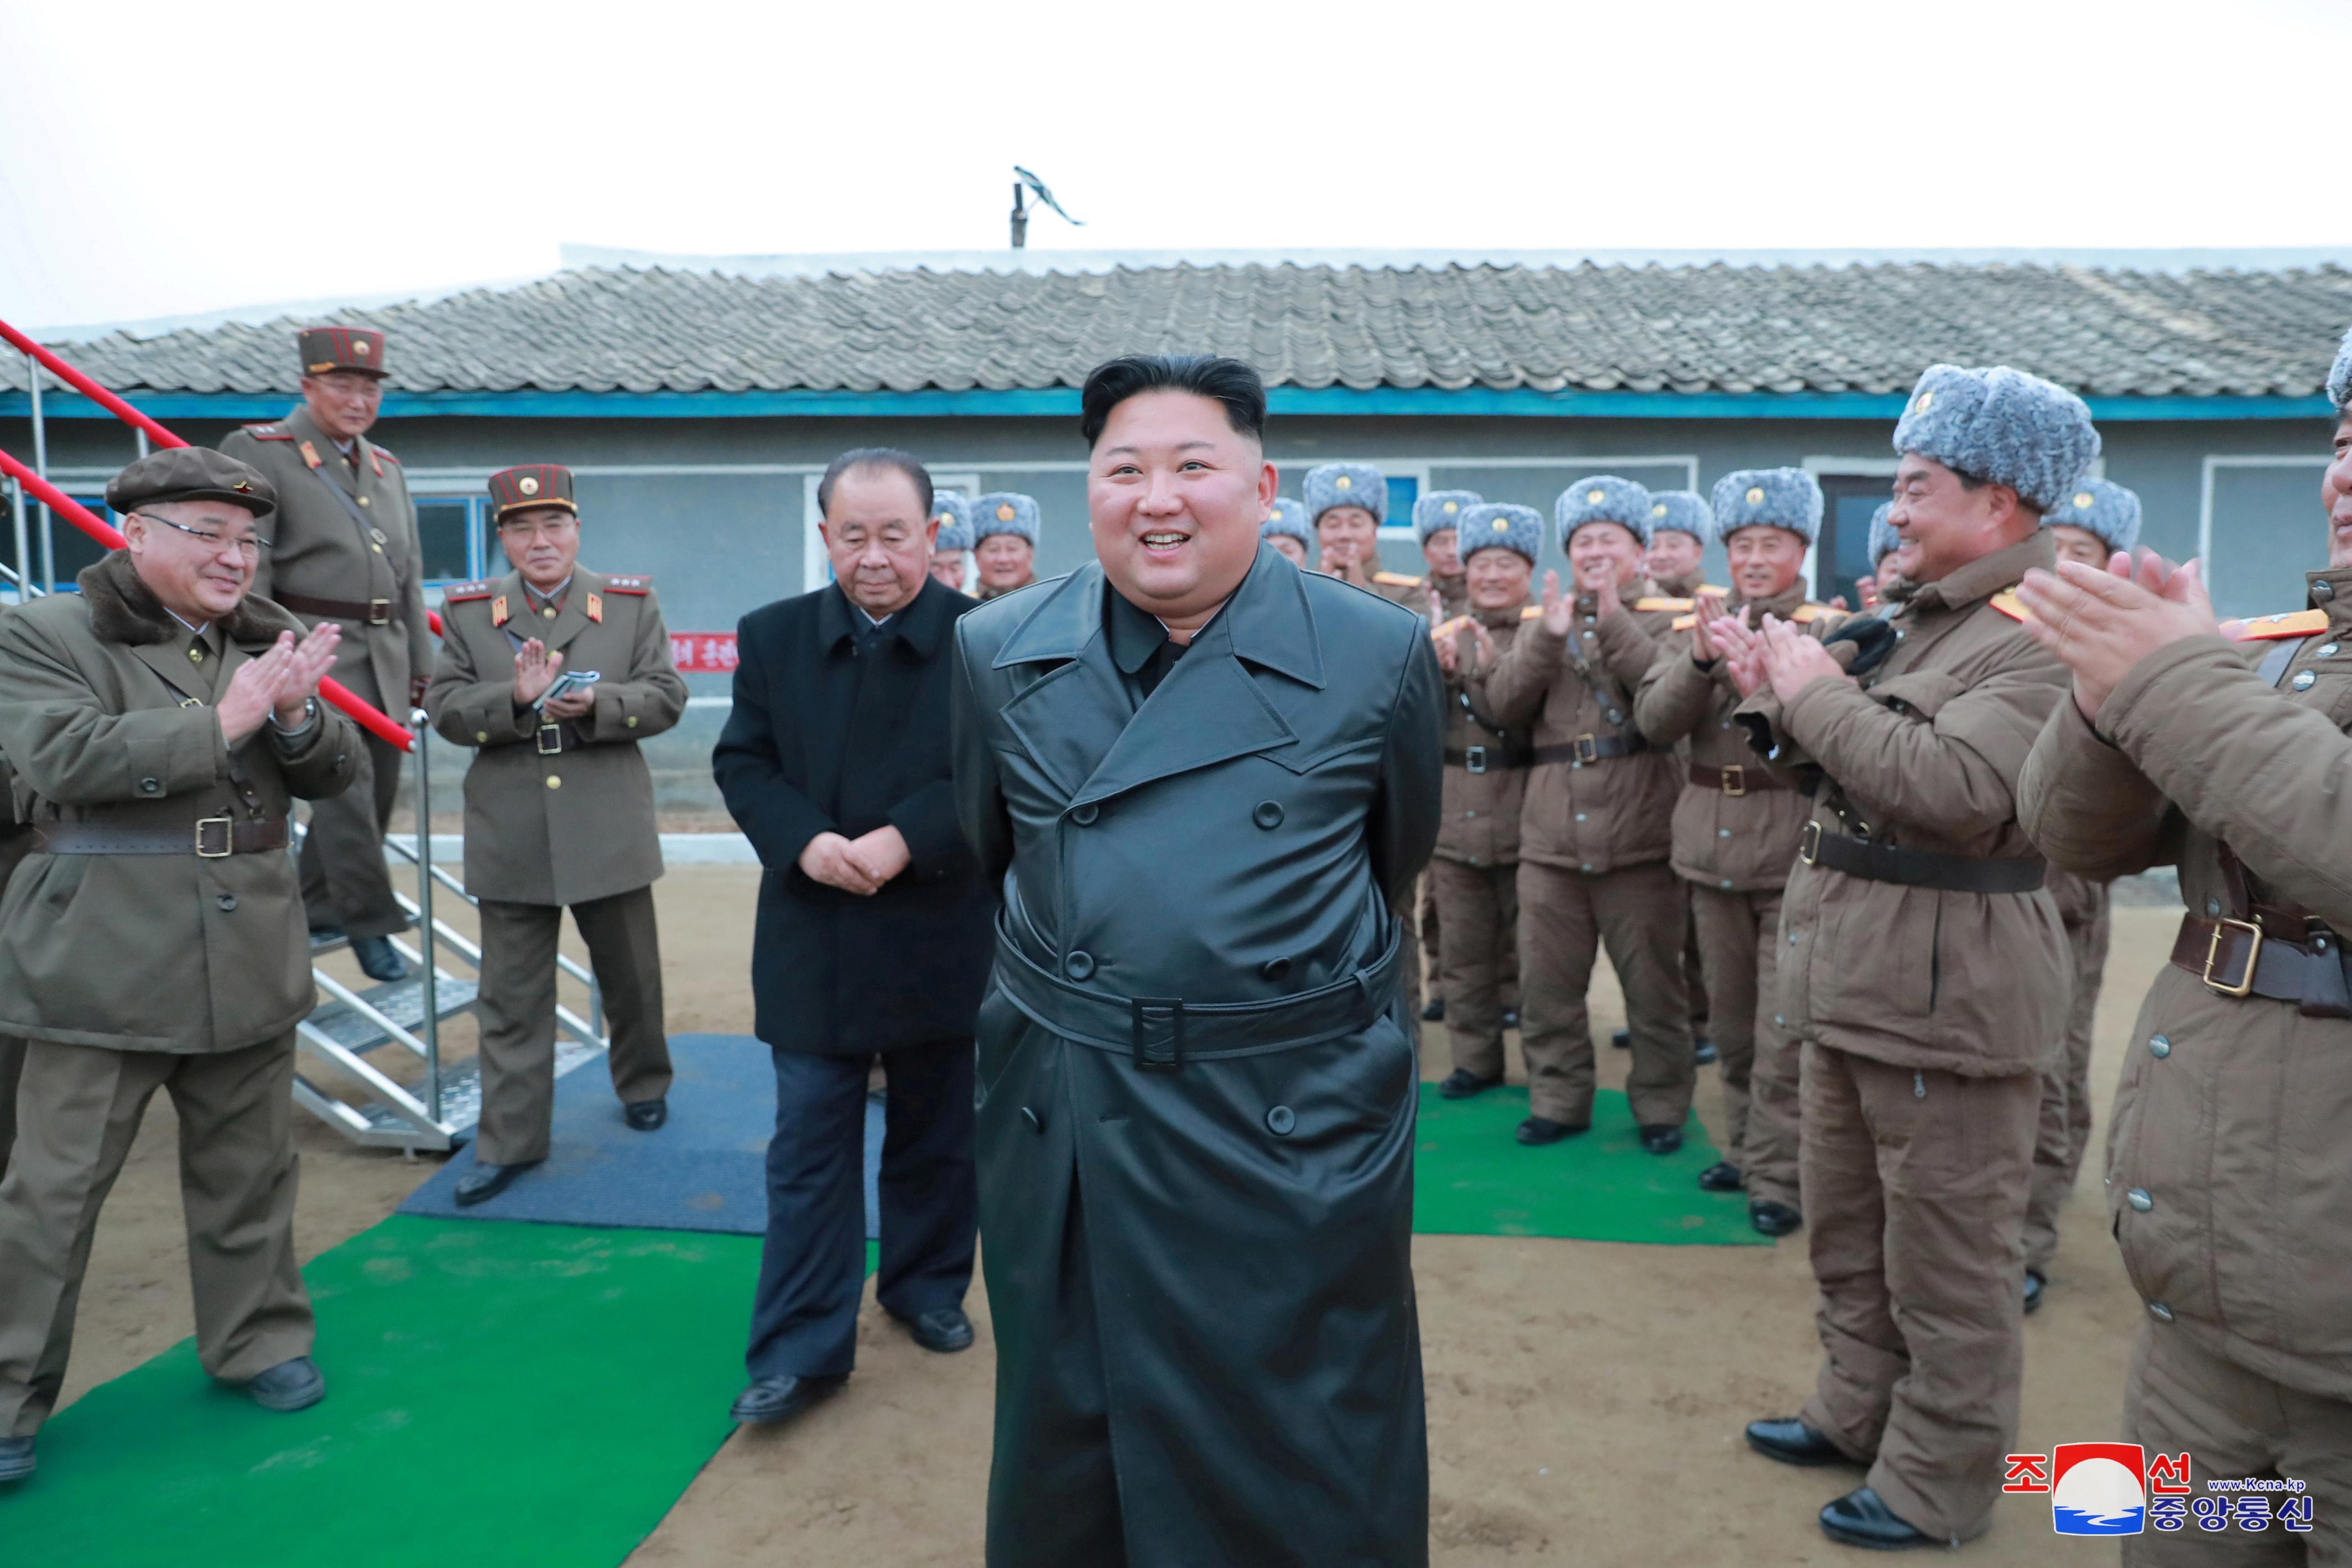 Des fusées plus rapides, plus d'ogives: ce que la Corée du Nord pourrait gagner du développement de nouvelles armes